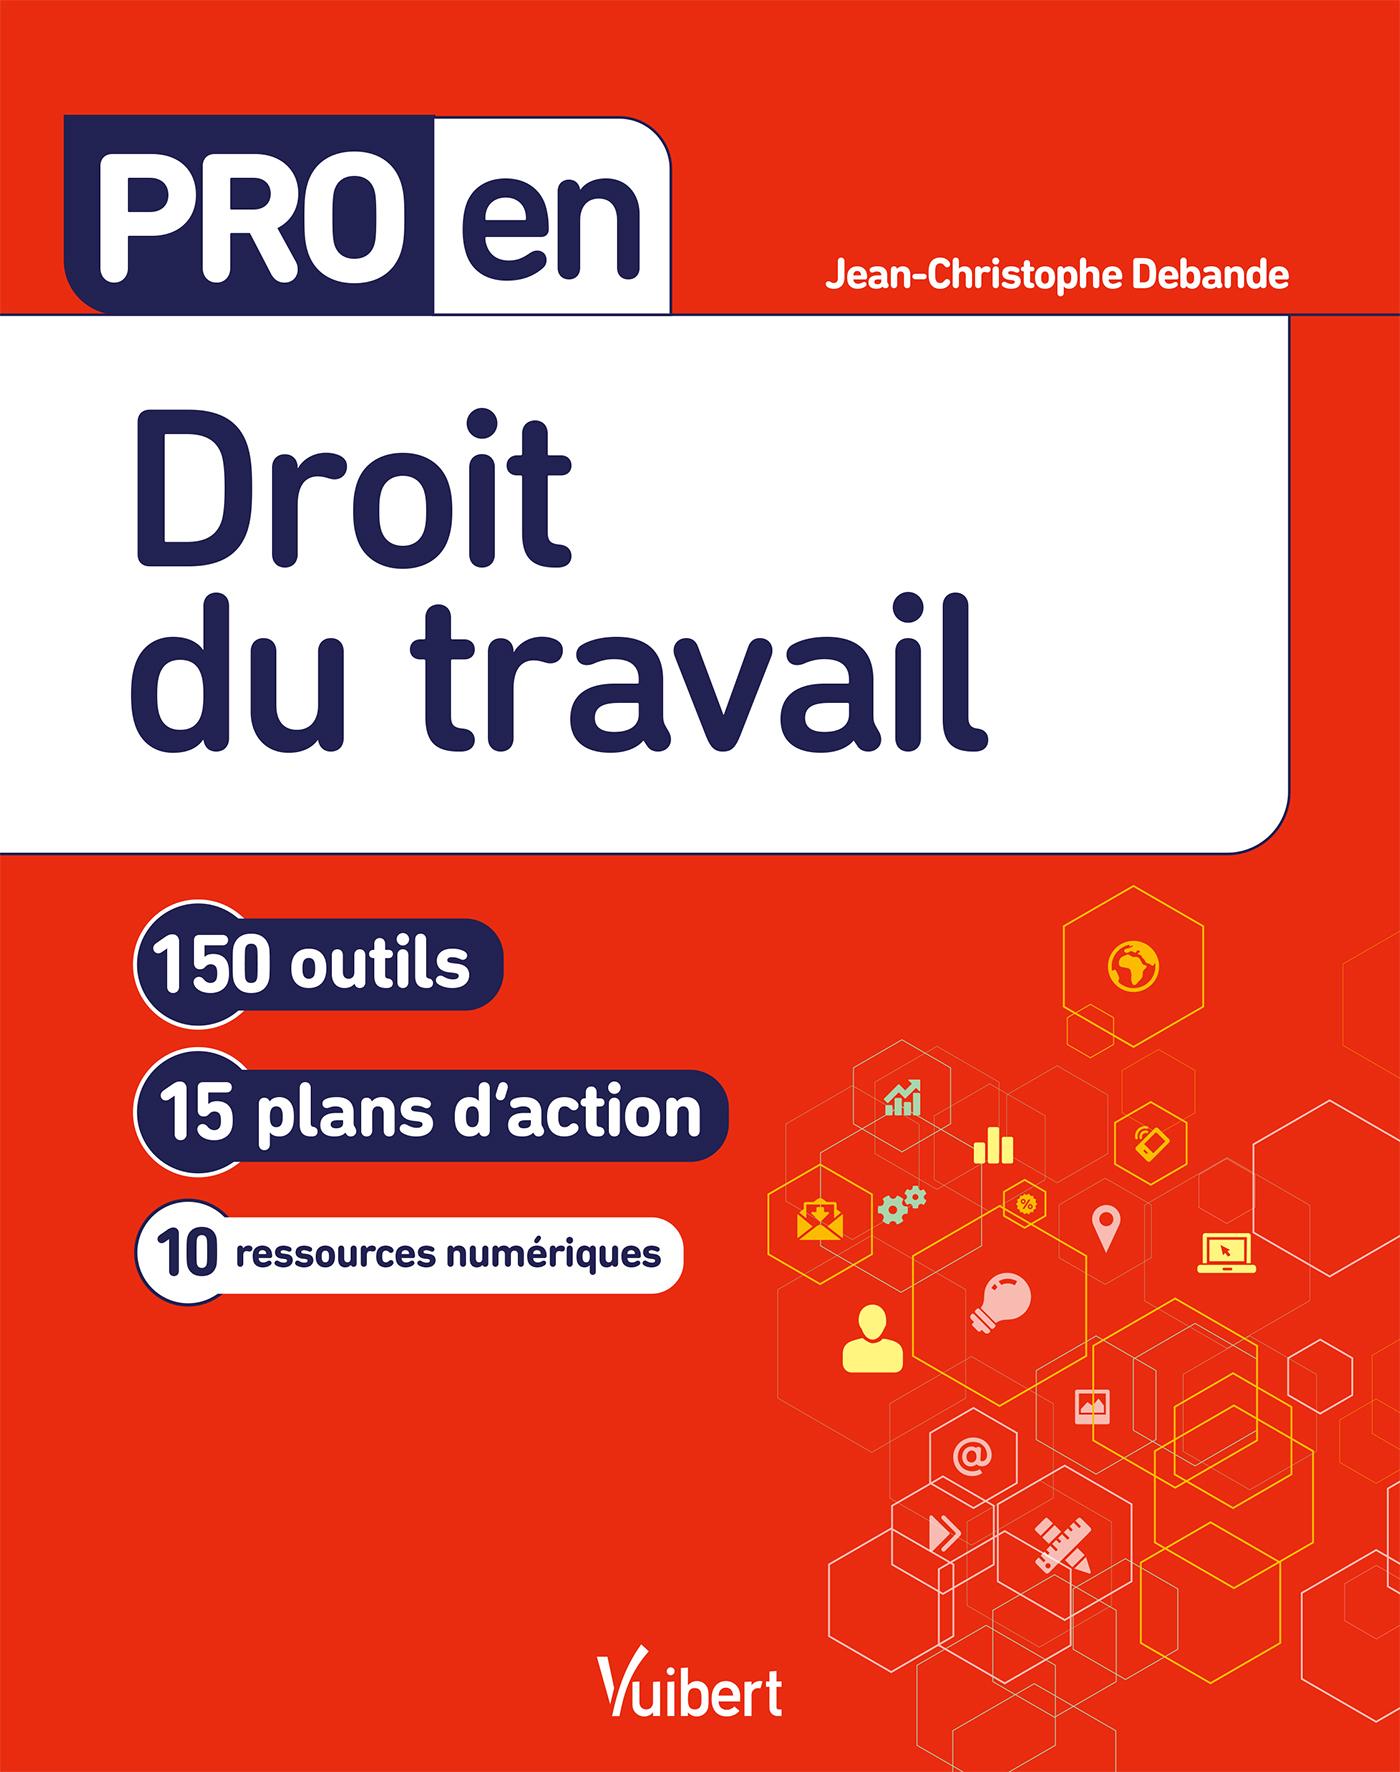 Pro en Droit du travail | Debande, Jean-Christophe. Auteur